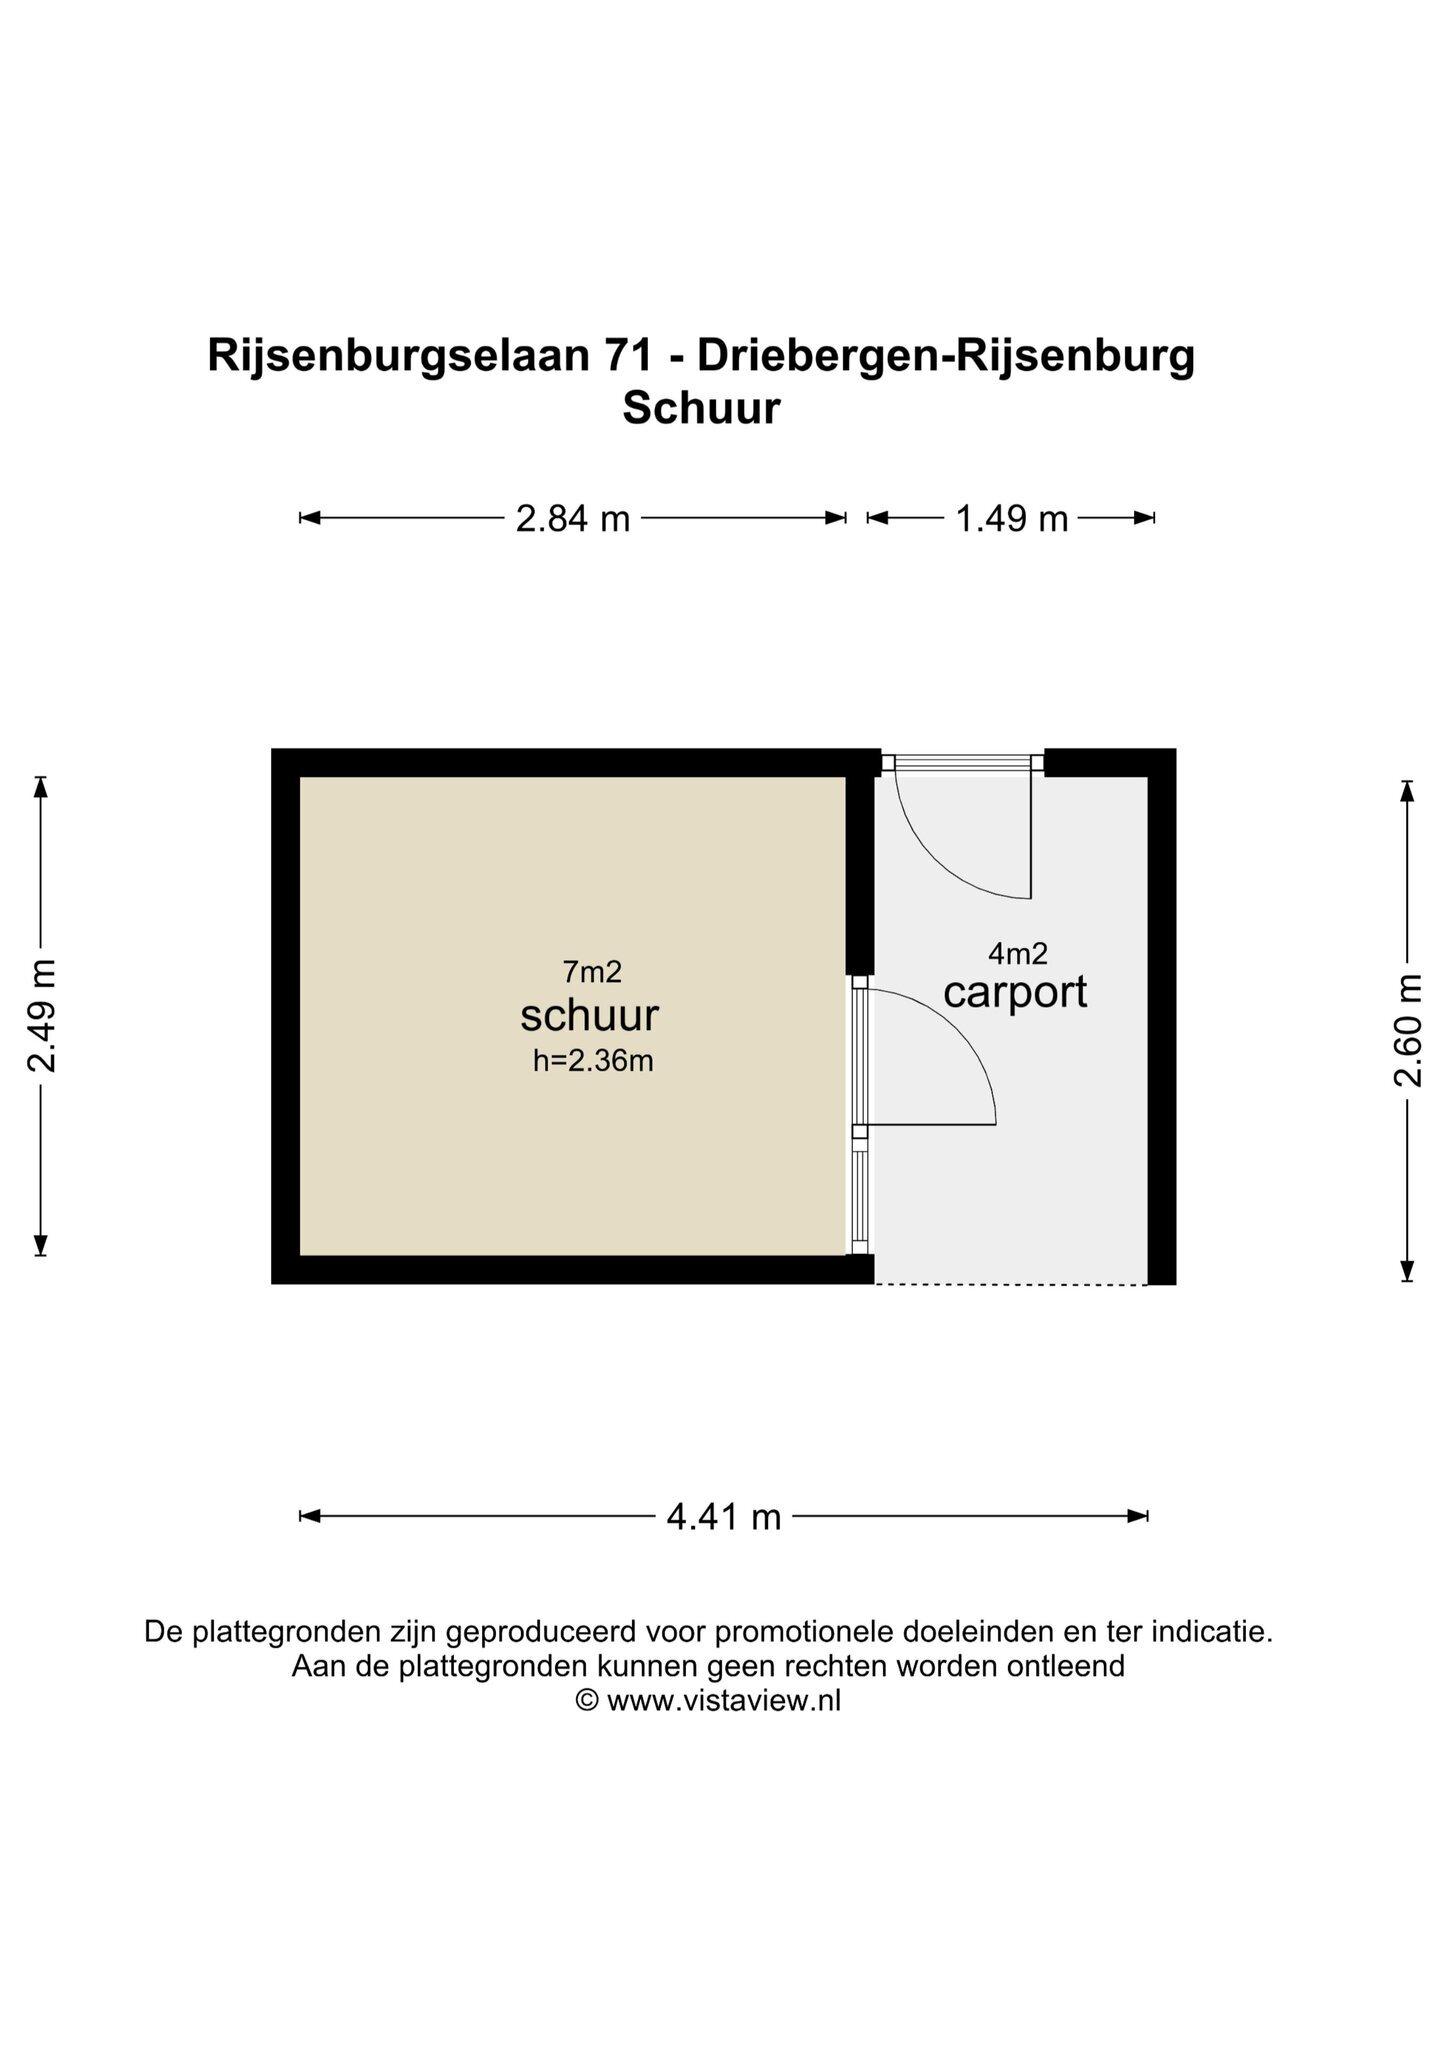 Plattegrond Rijsenburgselaan 71